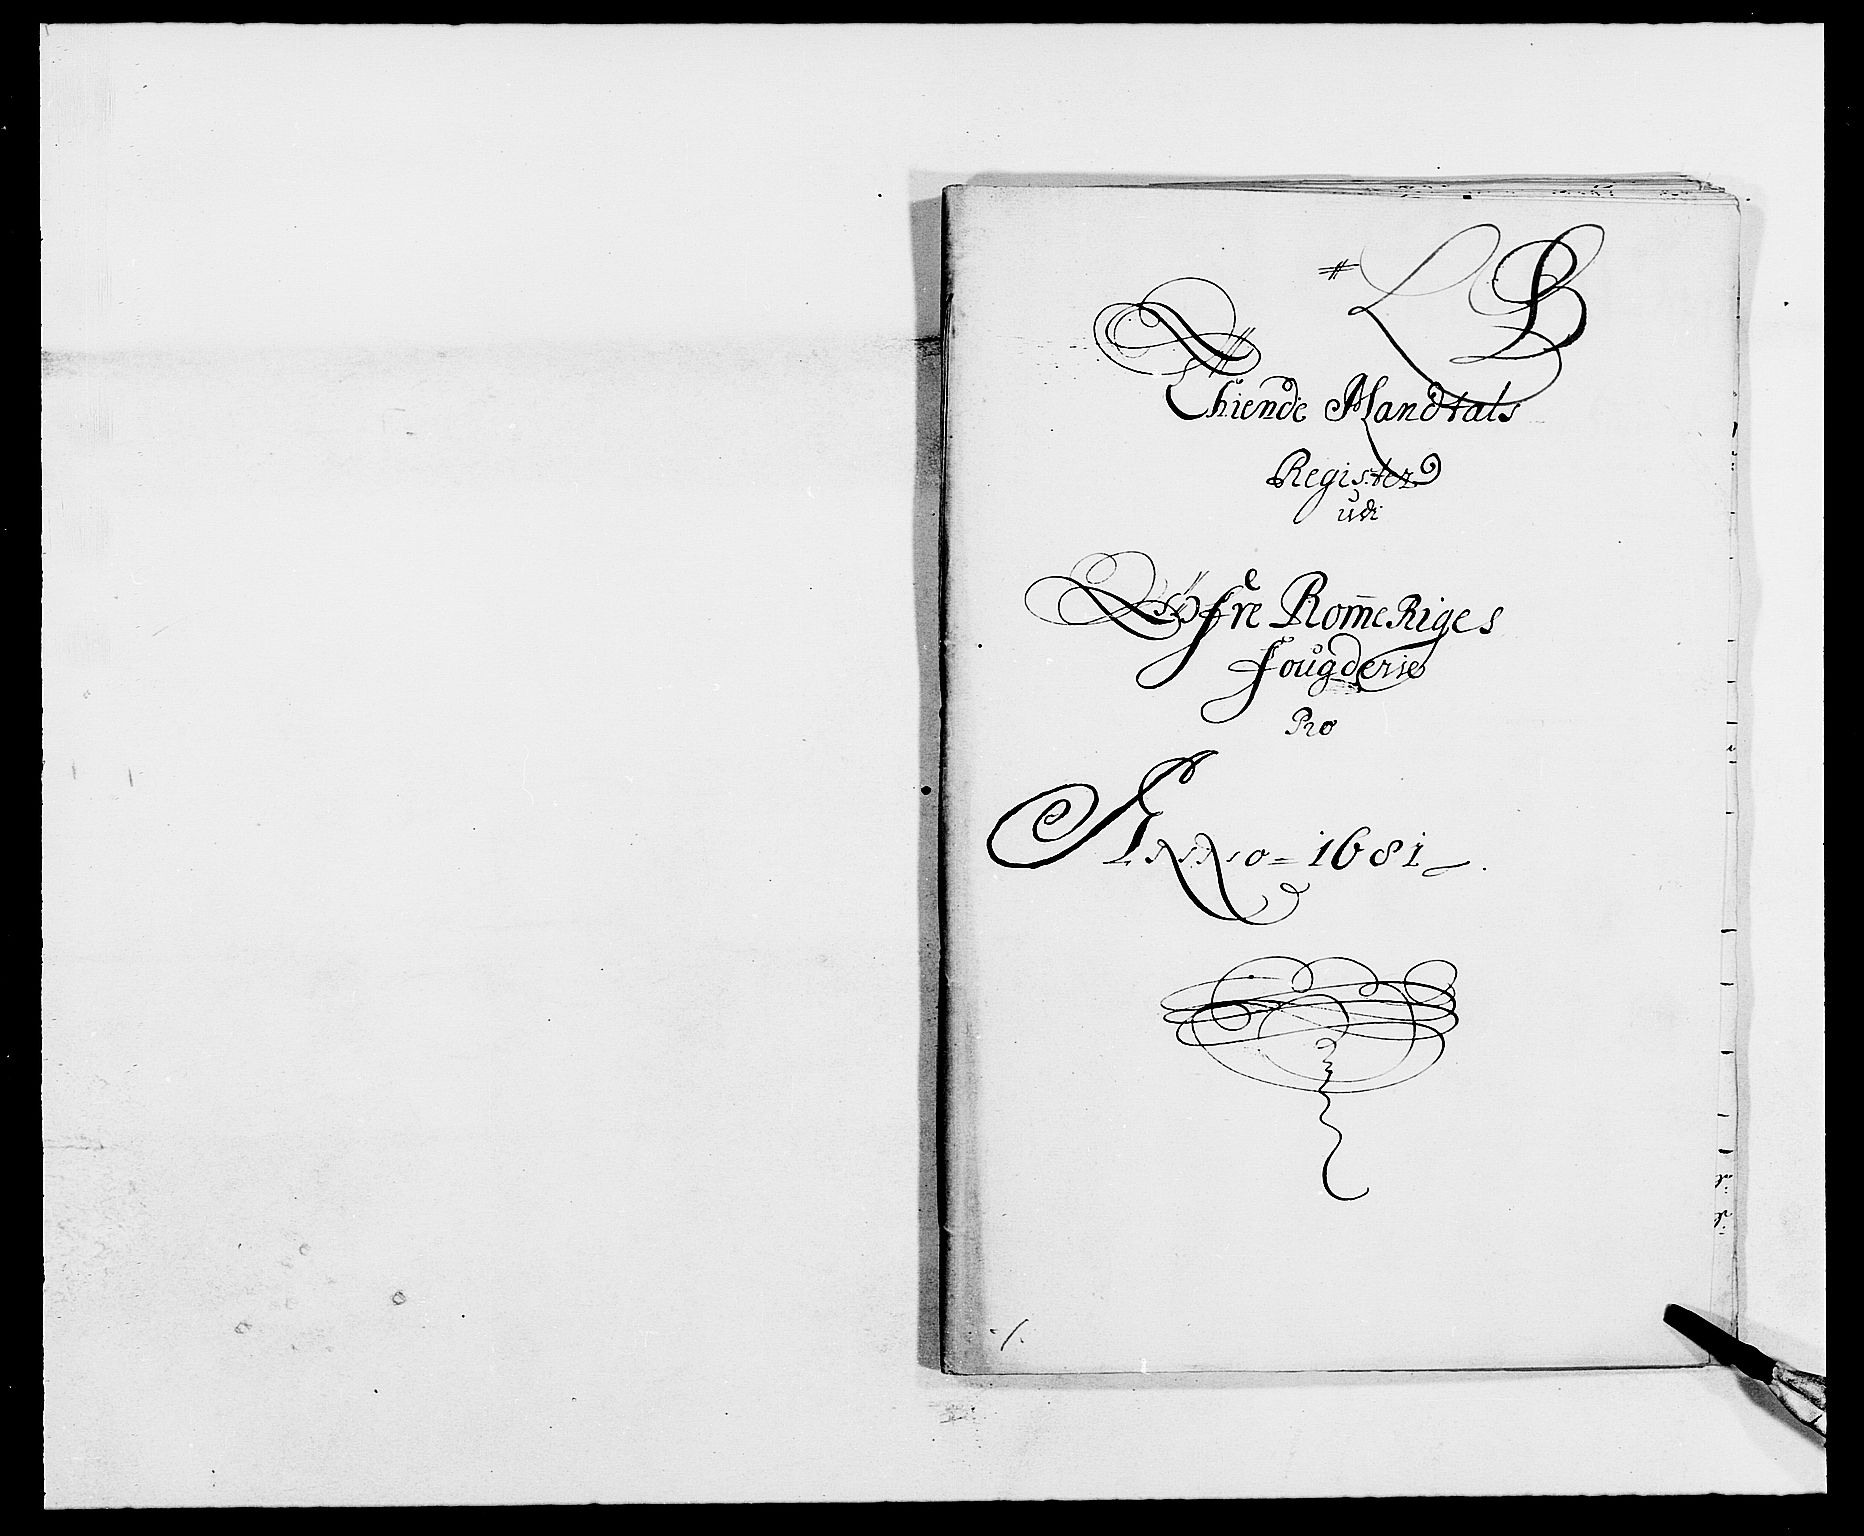 RA, Rentekammeret inntil 1814, Reviderte regnskaper, Fogderegnskap, R12/L0696: Fogderegnskap Øvre Romerike, 1681, s. 69